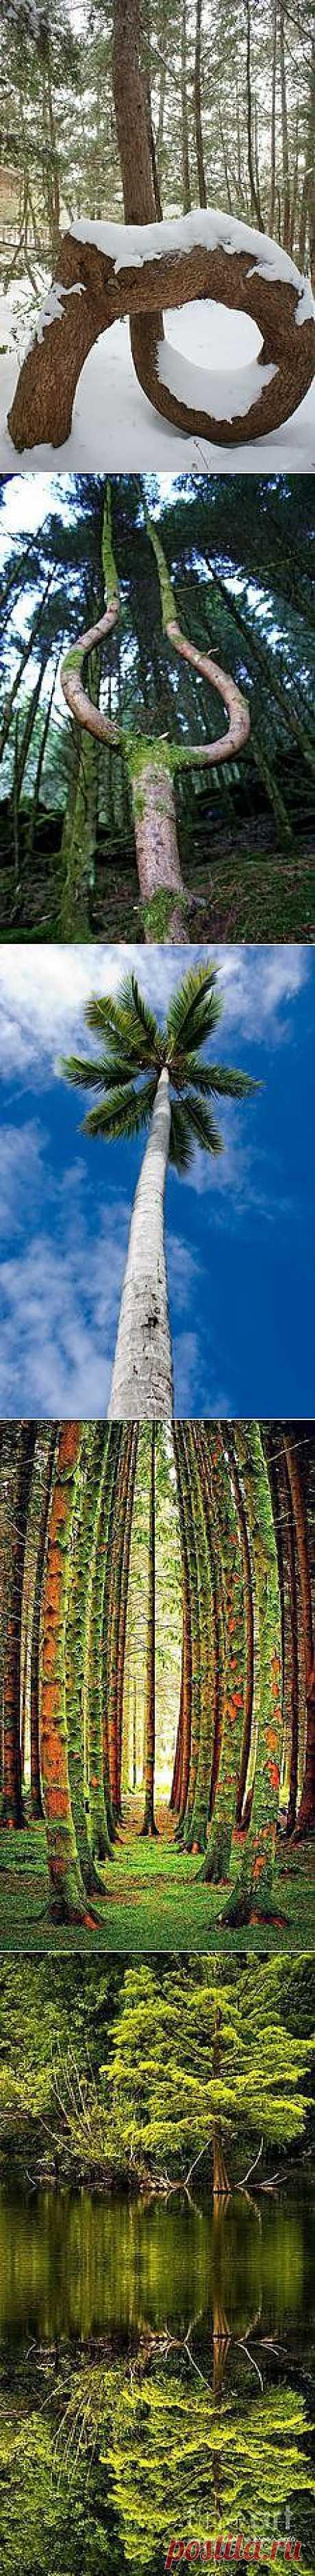 Magestic деревья